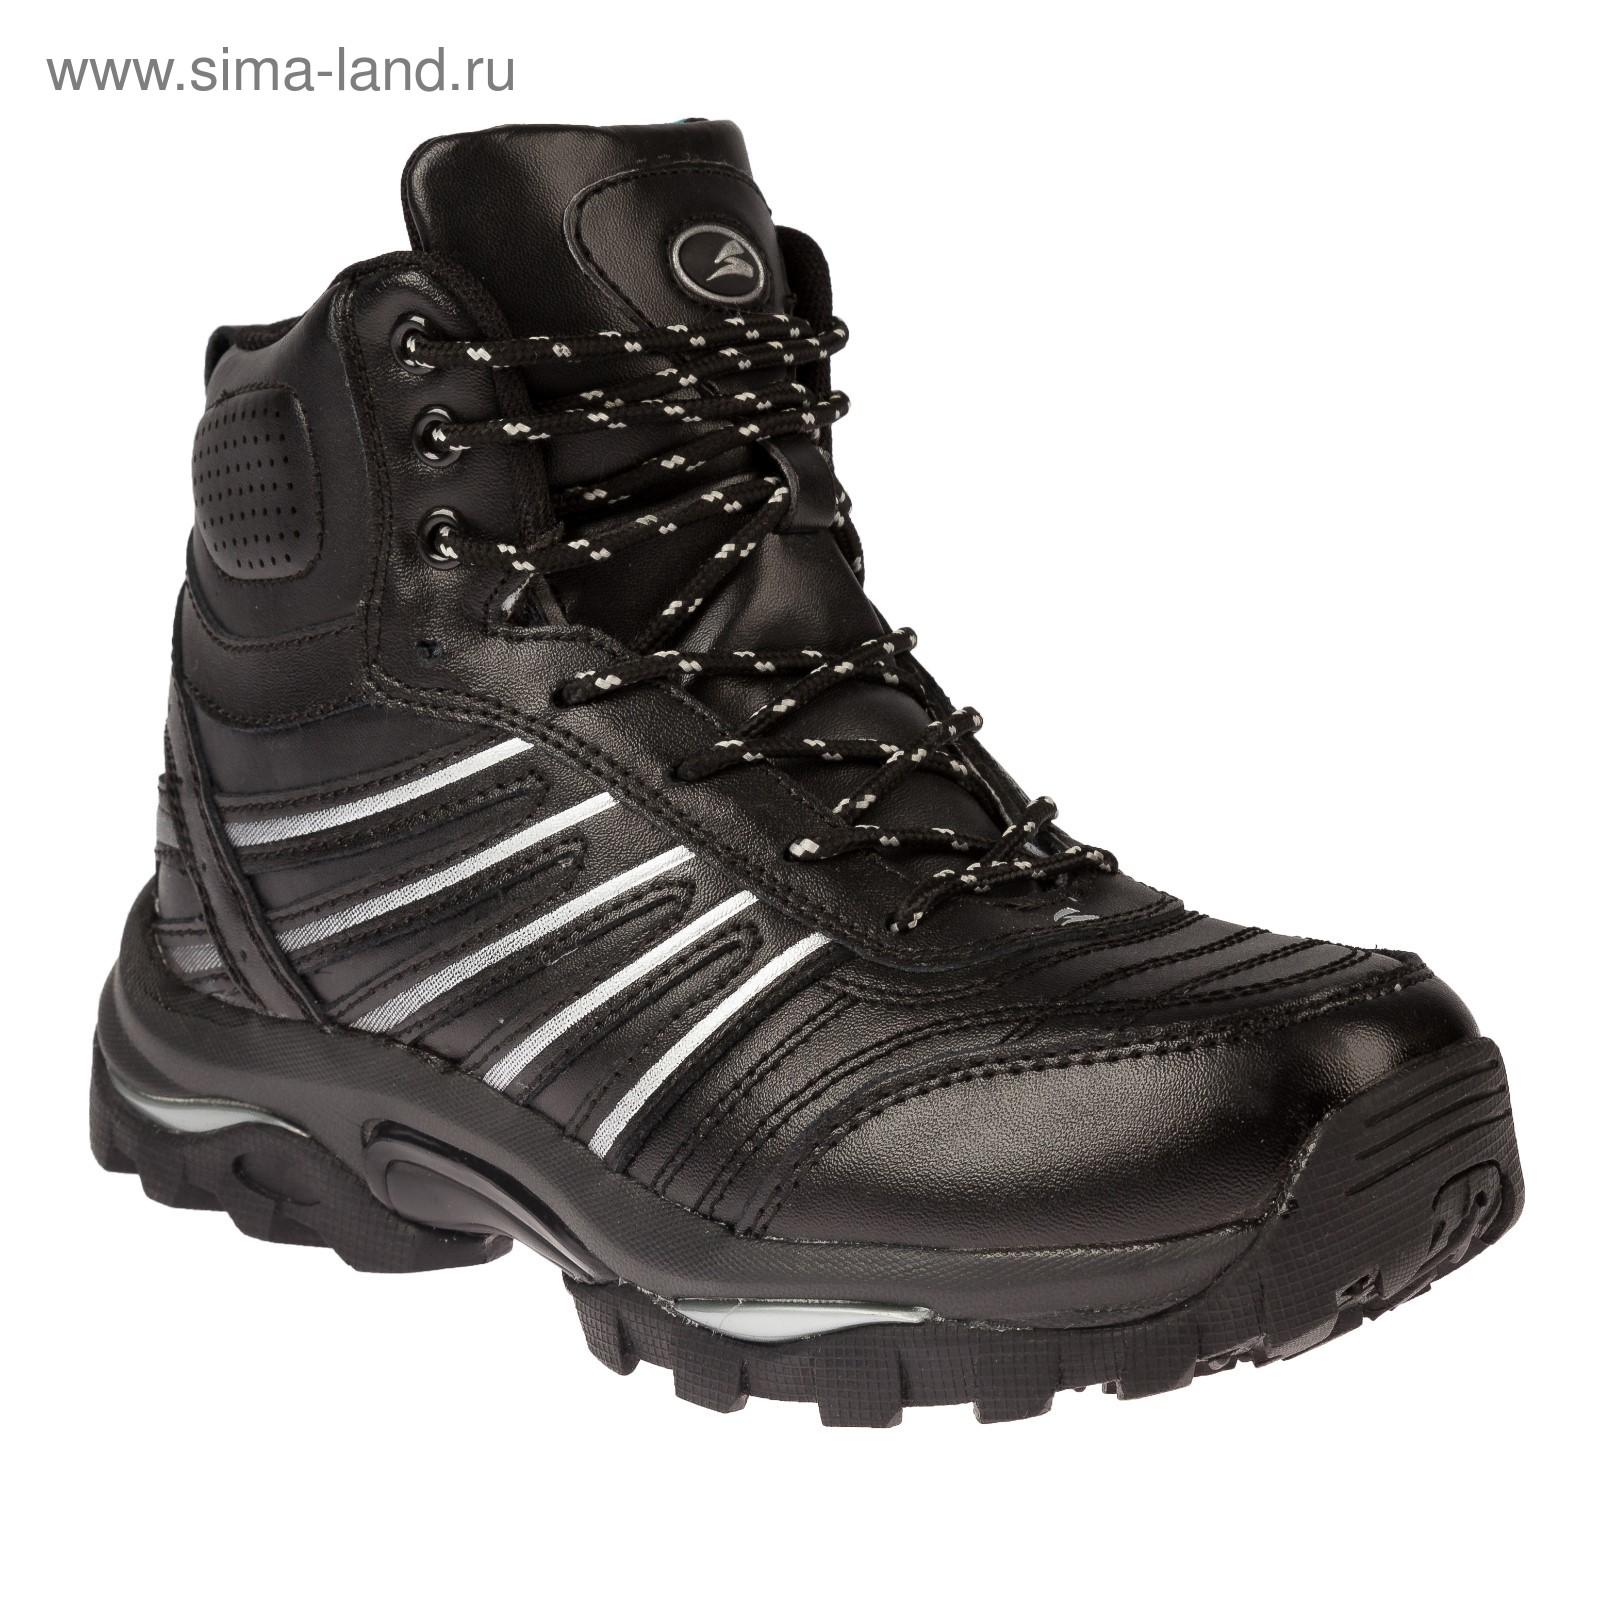 f5a70b9f2 Кроссовки Sigma арт. 14003C-2-9, цвет чёрный, серый, размер 39 ...